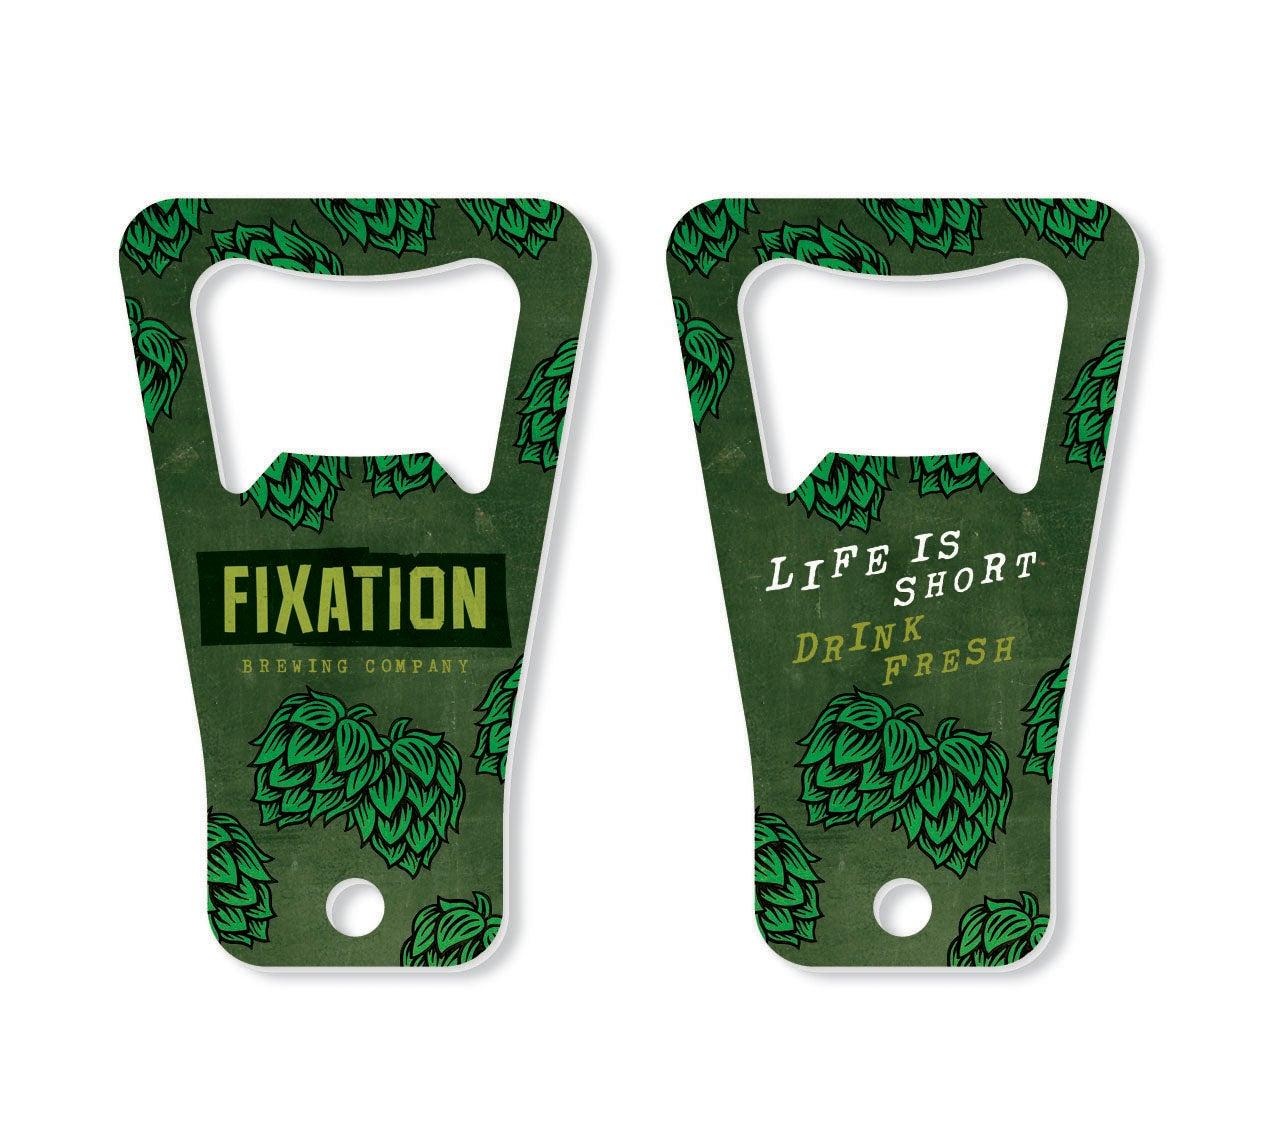 Image of Fixation keyring bottle opener